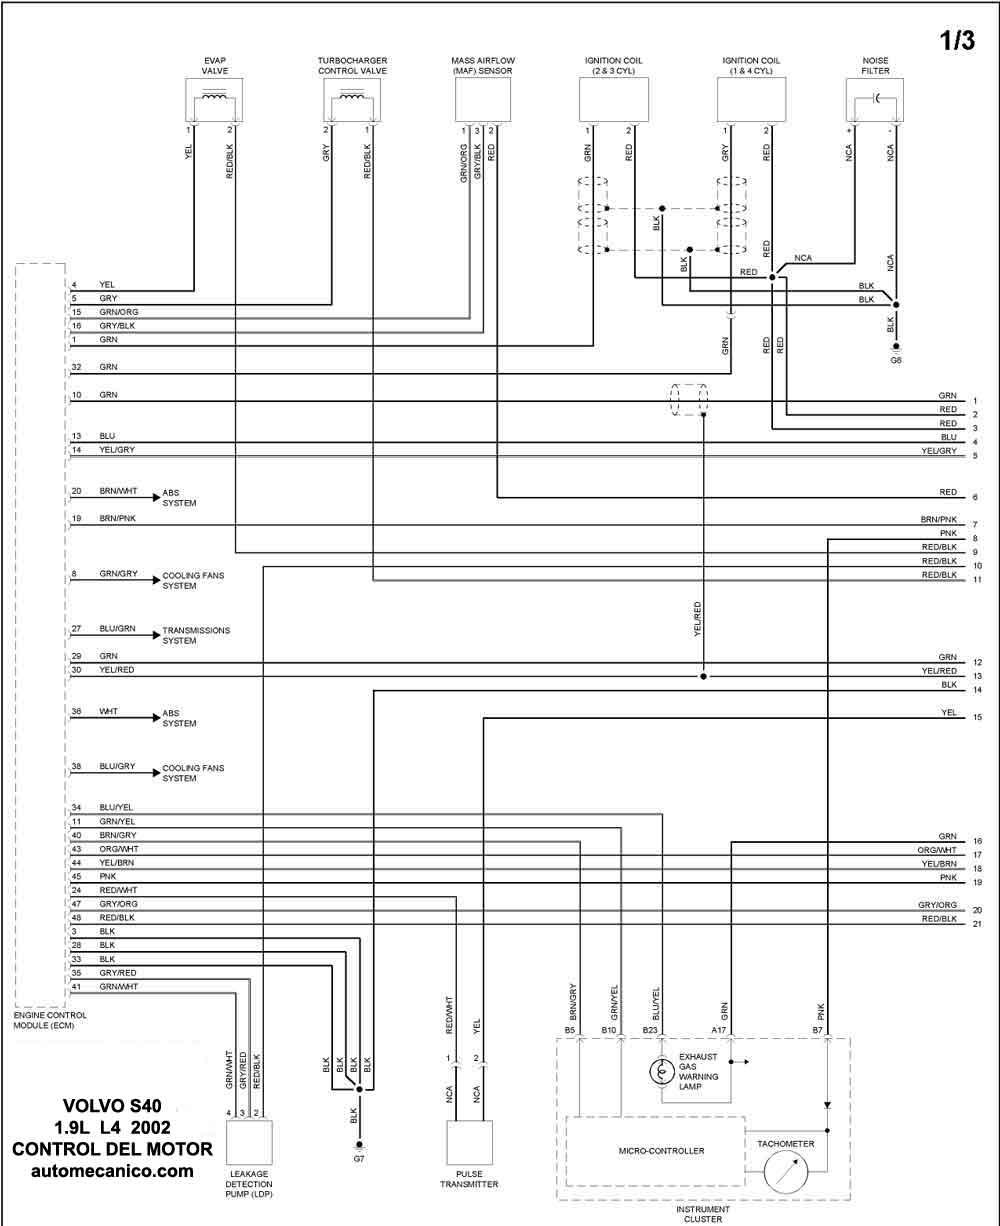 Volvo - Diagramas Control Del Motor 2002 - Graphics - Esquemas